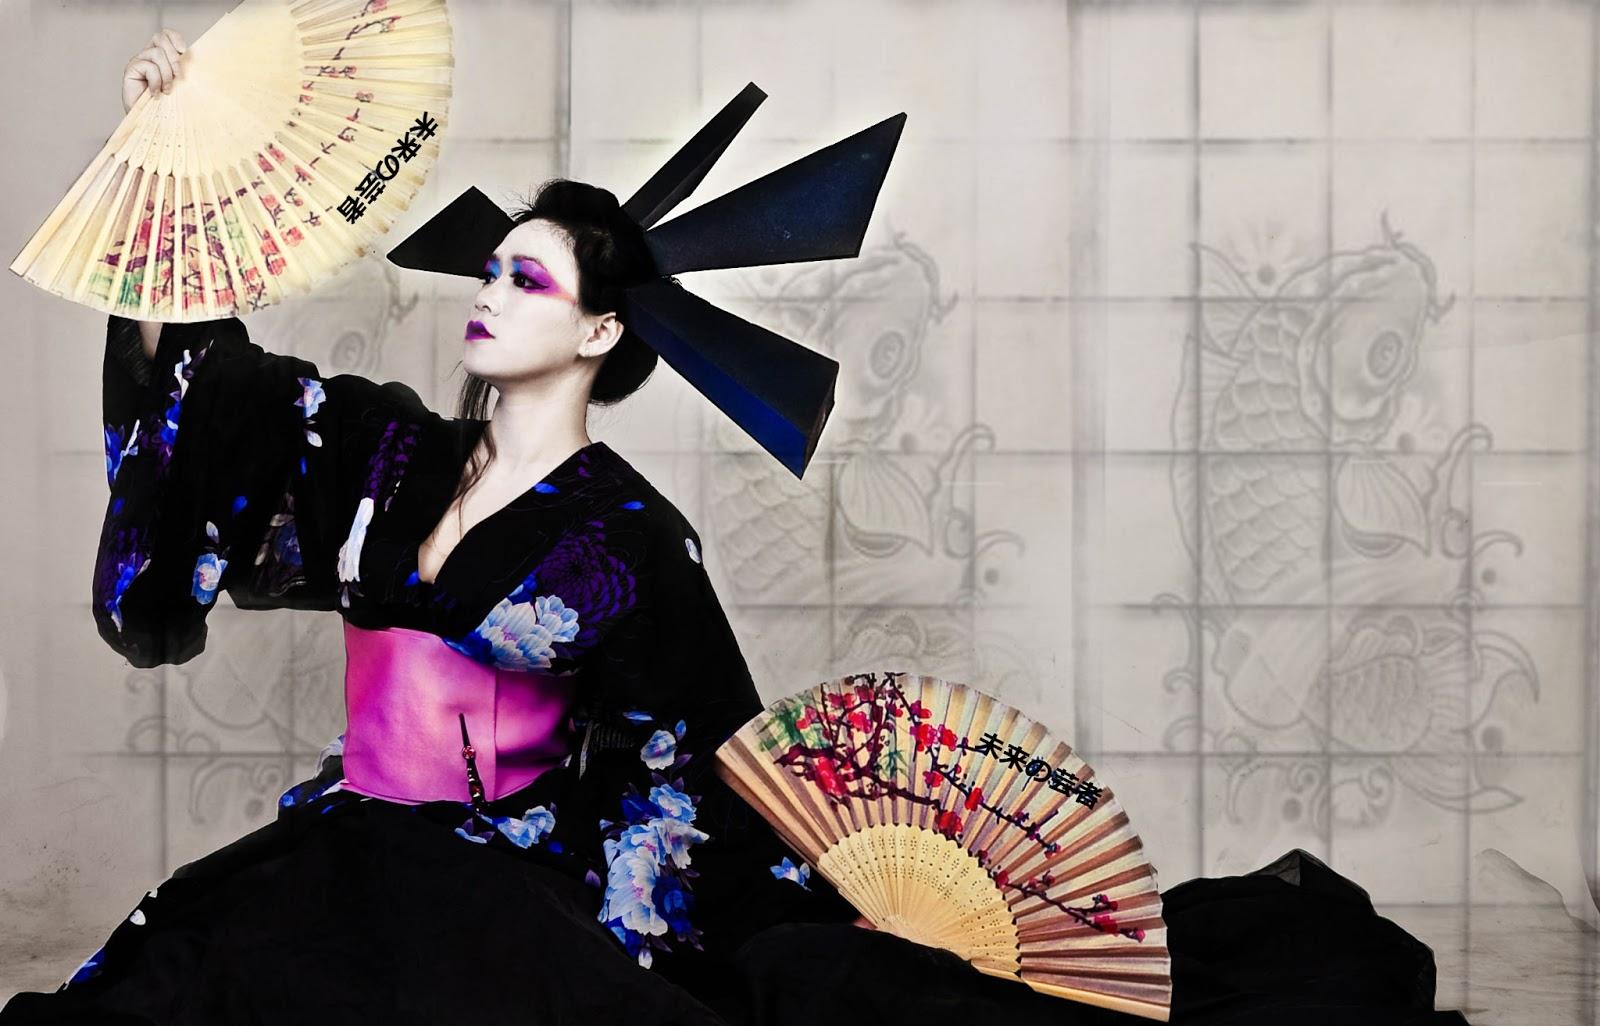 d02c2aa26e1b File  12. Fashion   The Futuristic Geisha   STYLECONCEPTS